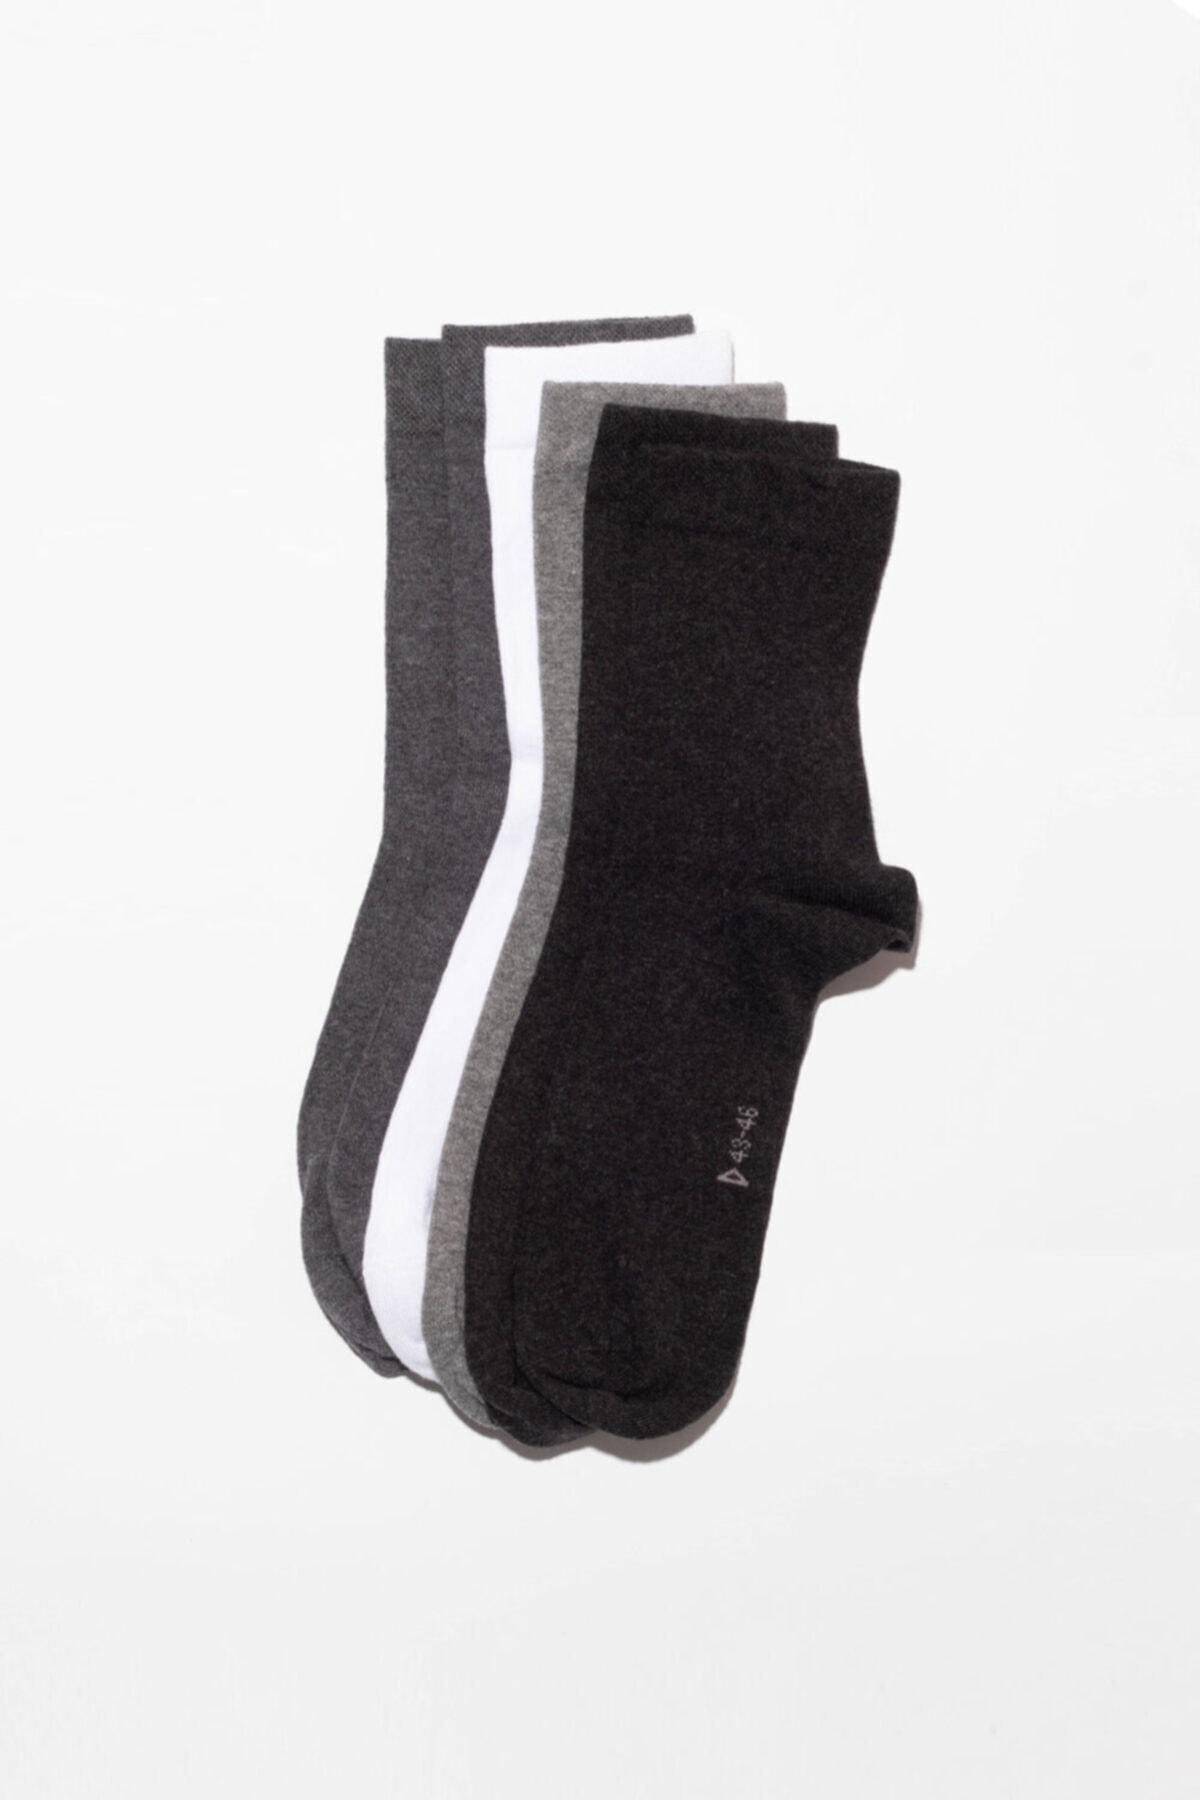 Katia&Bony 6'li Paket Unisex Basıc Soket Çorap- Siyah/ Beyaz / Grı 1